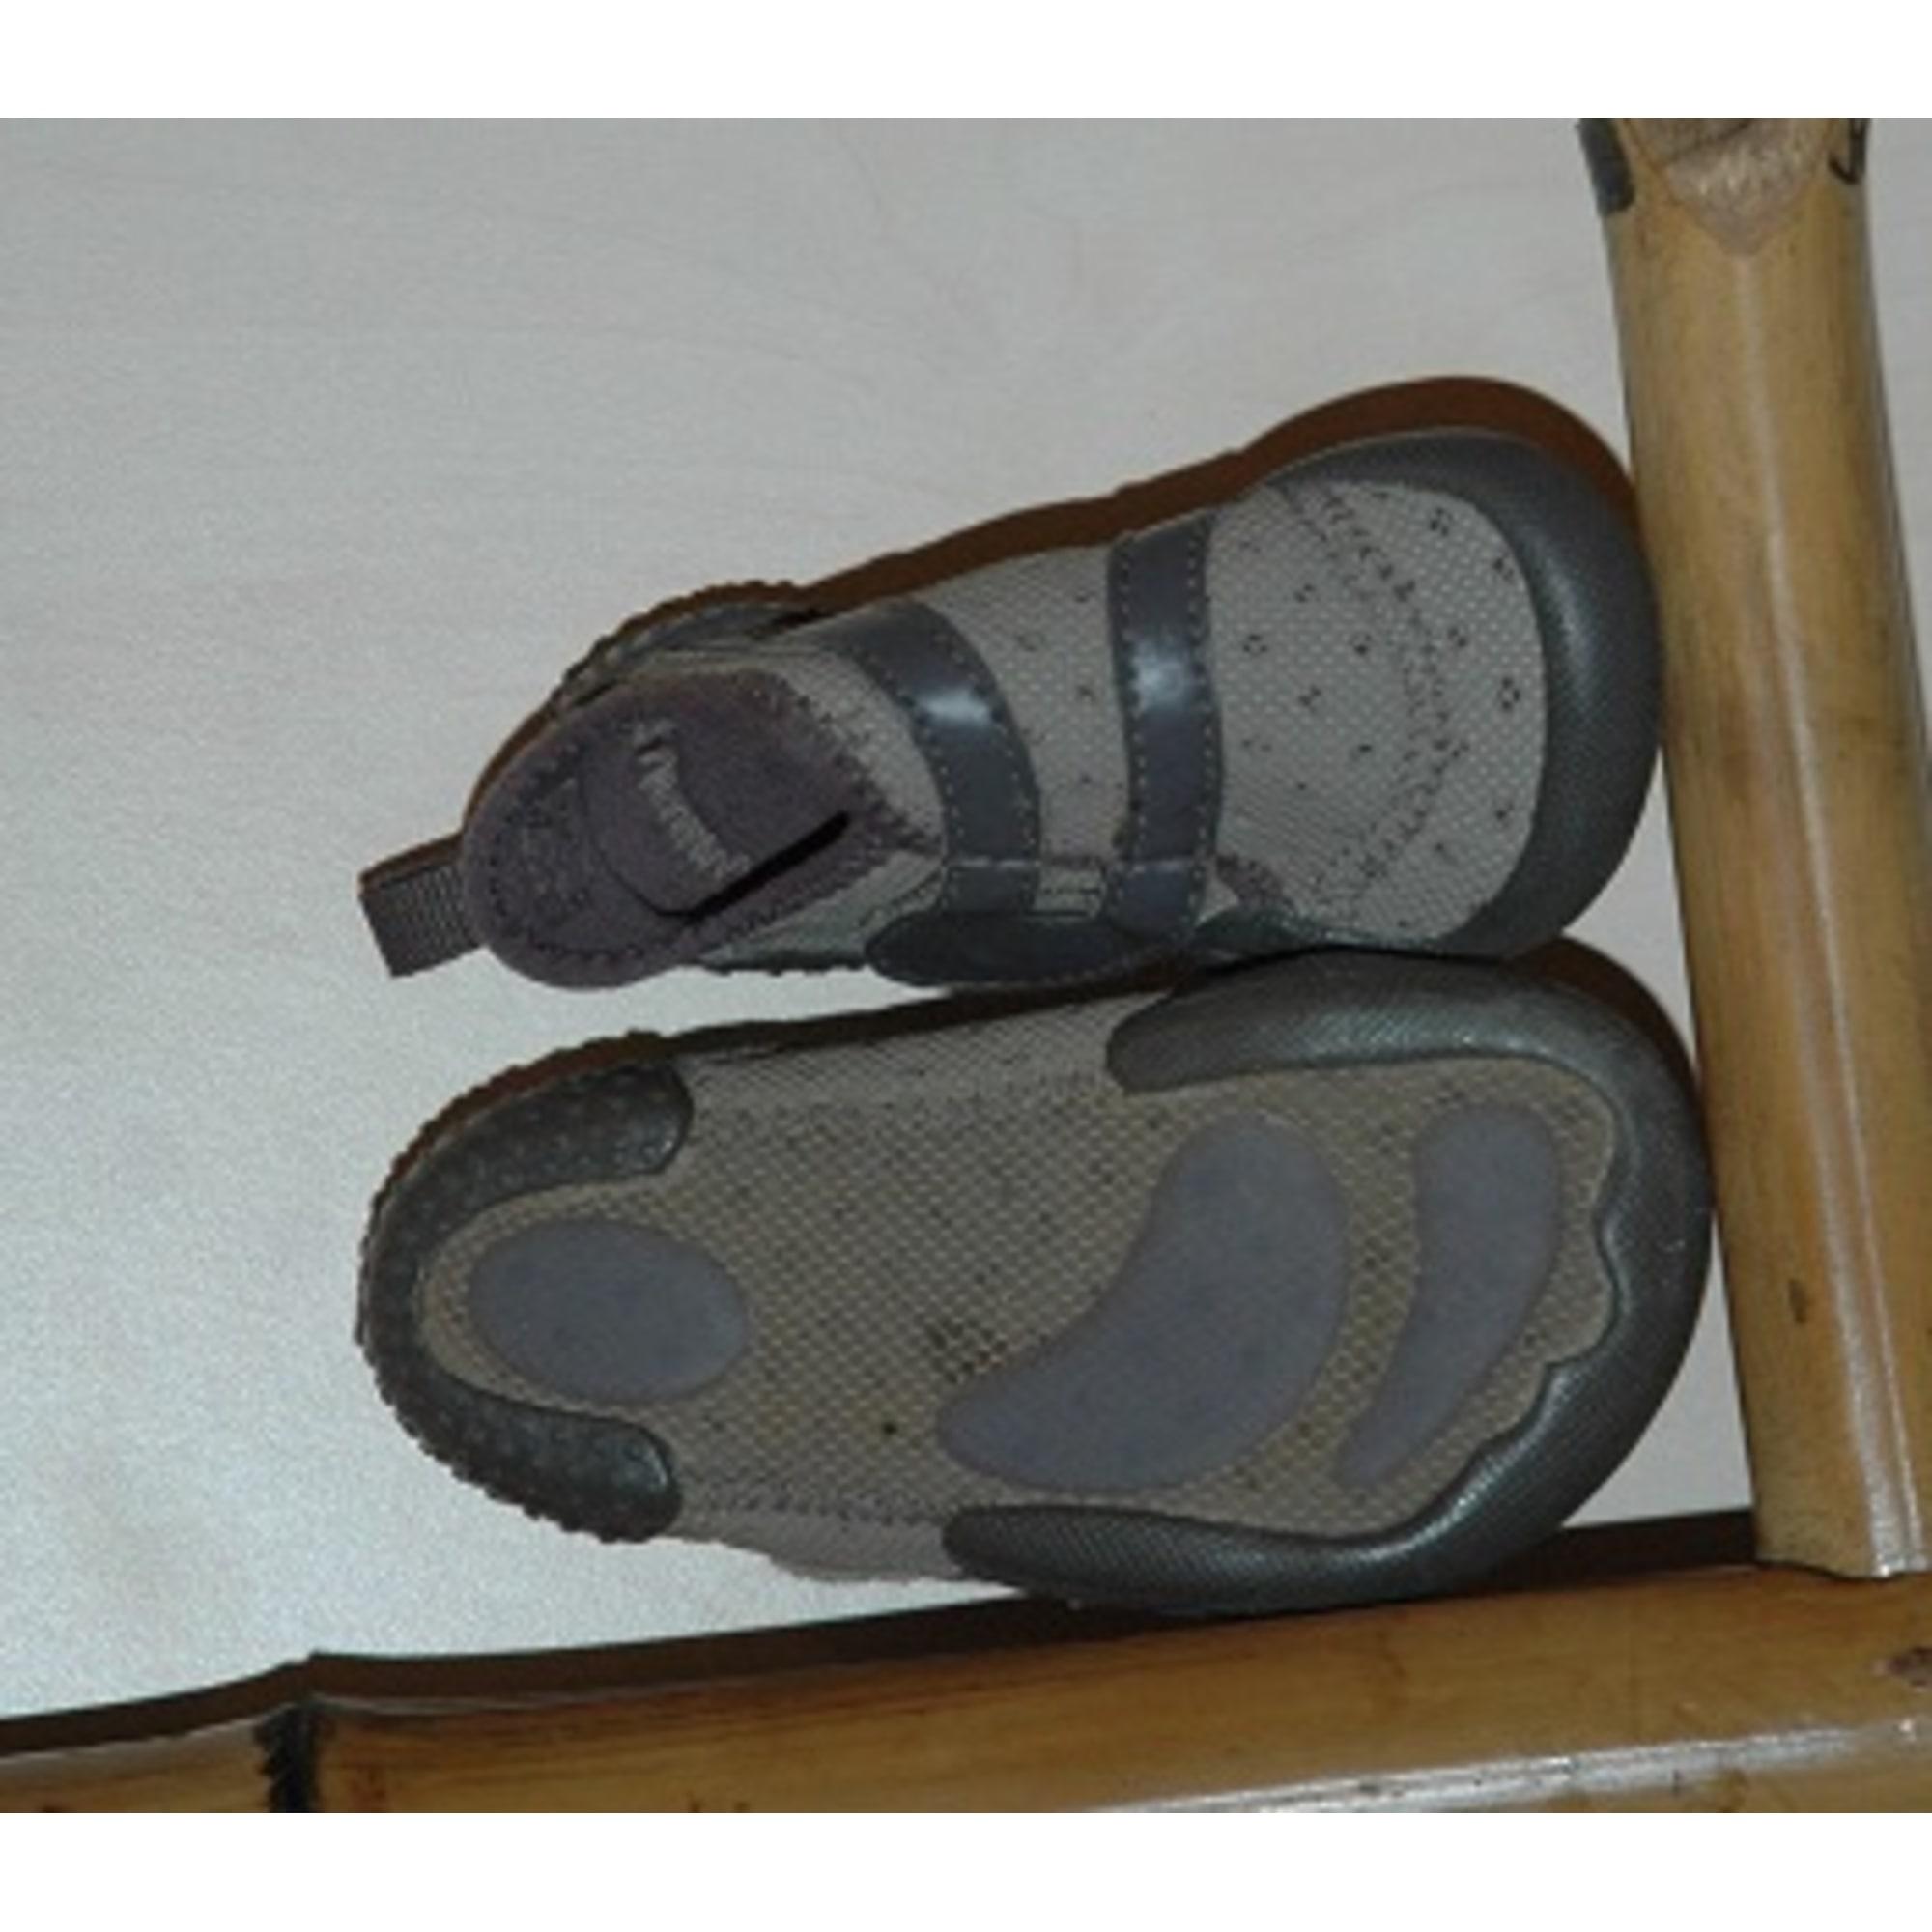 Chaussons   pantoufles DOMYOS 22 beige vendu par Coqhot - 2327465 4c3844fe346